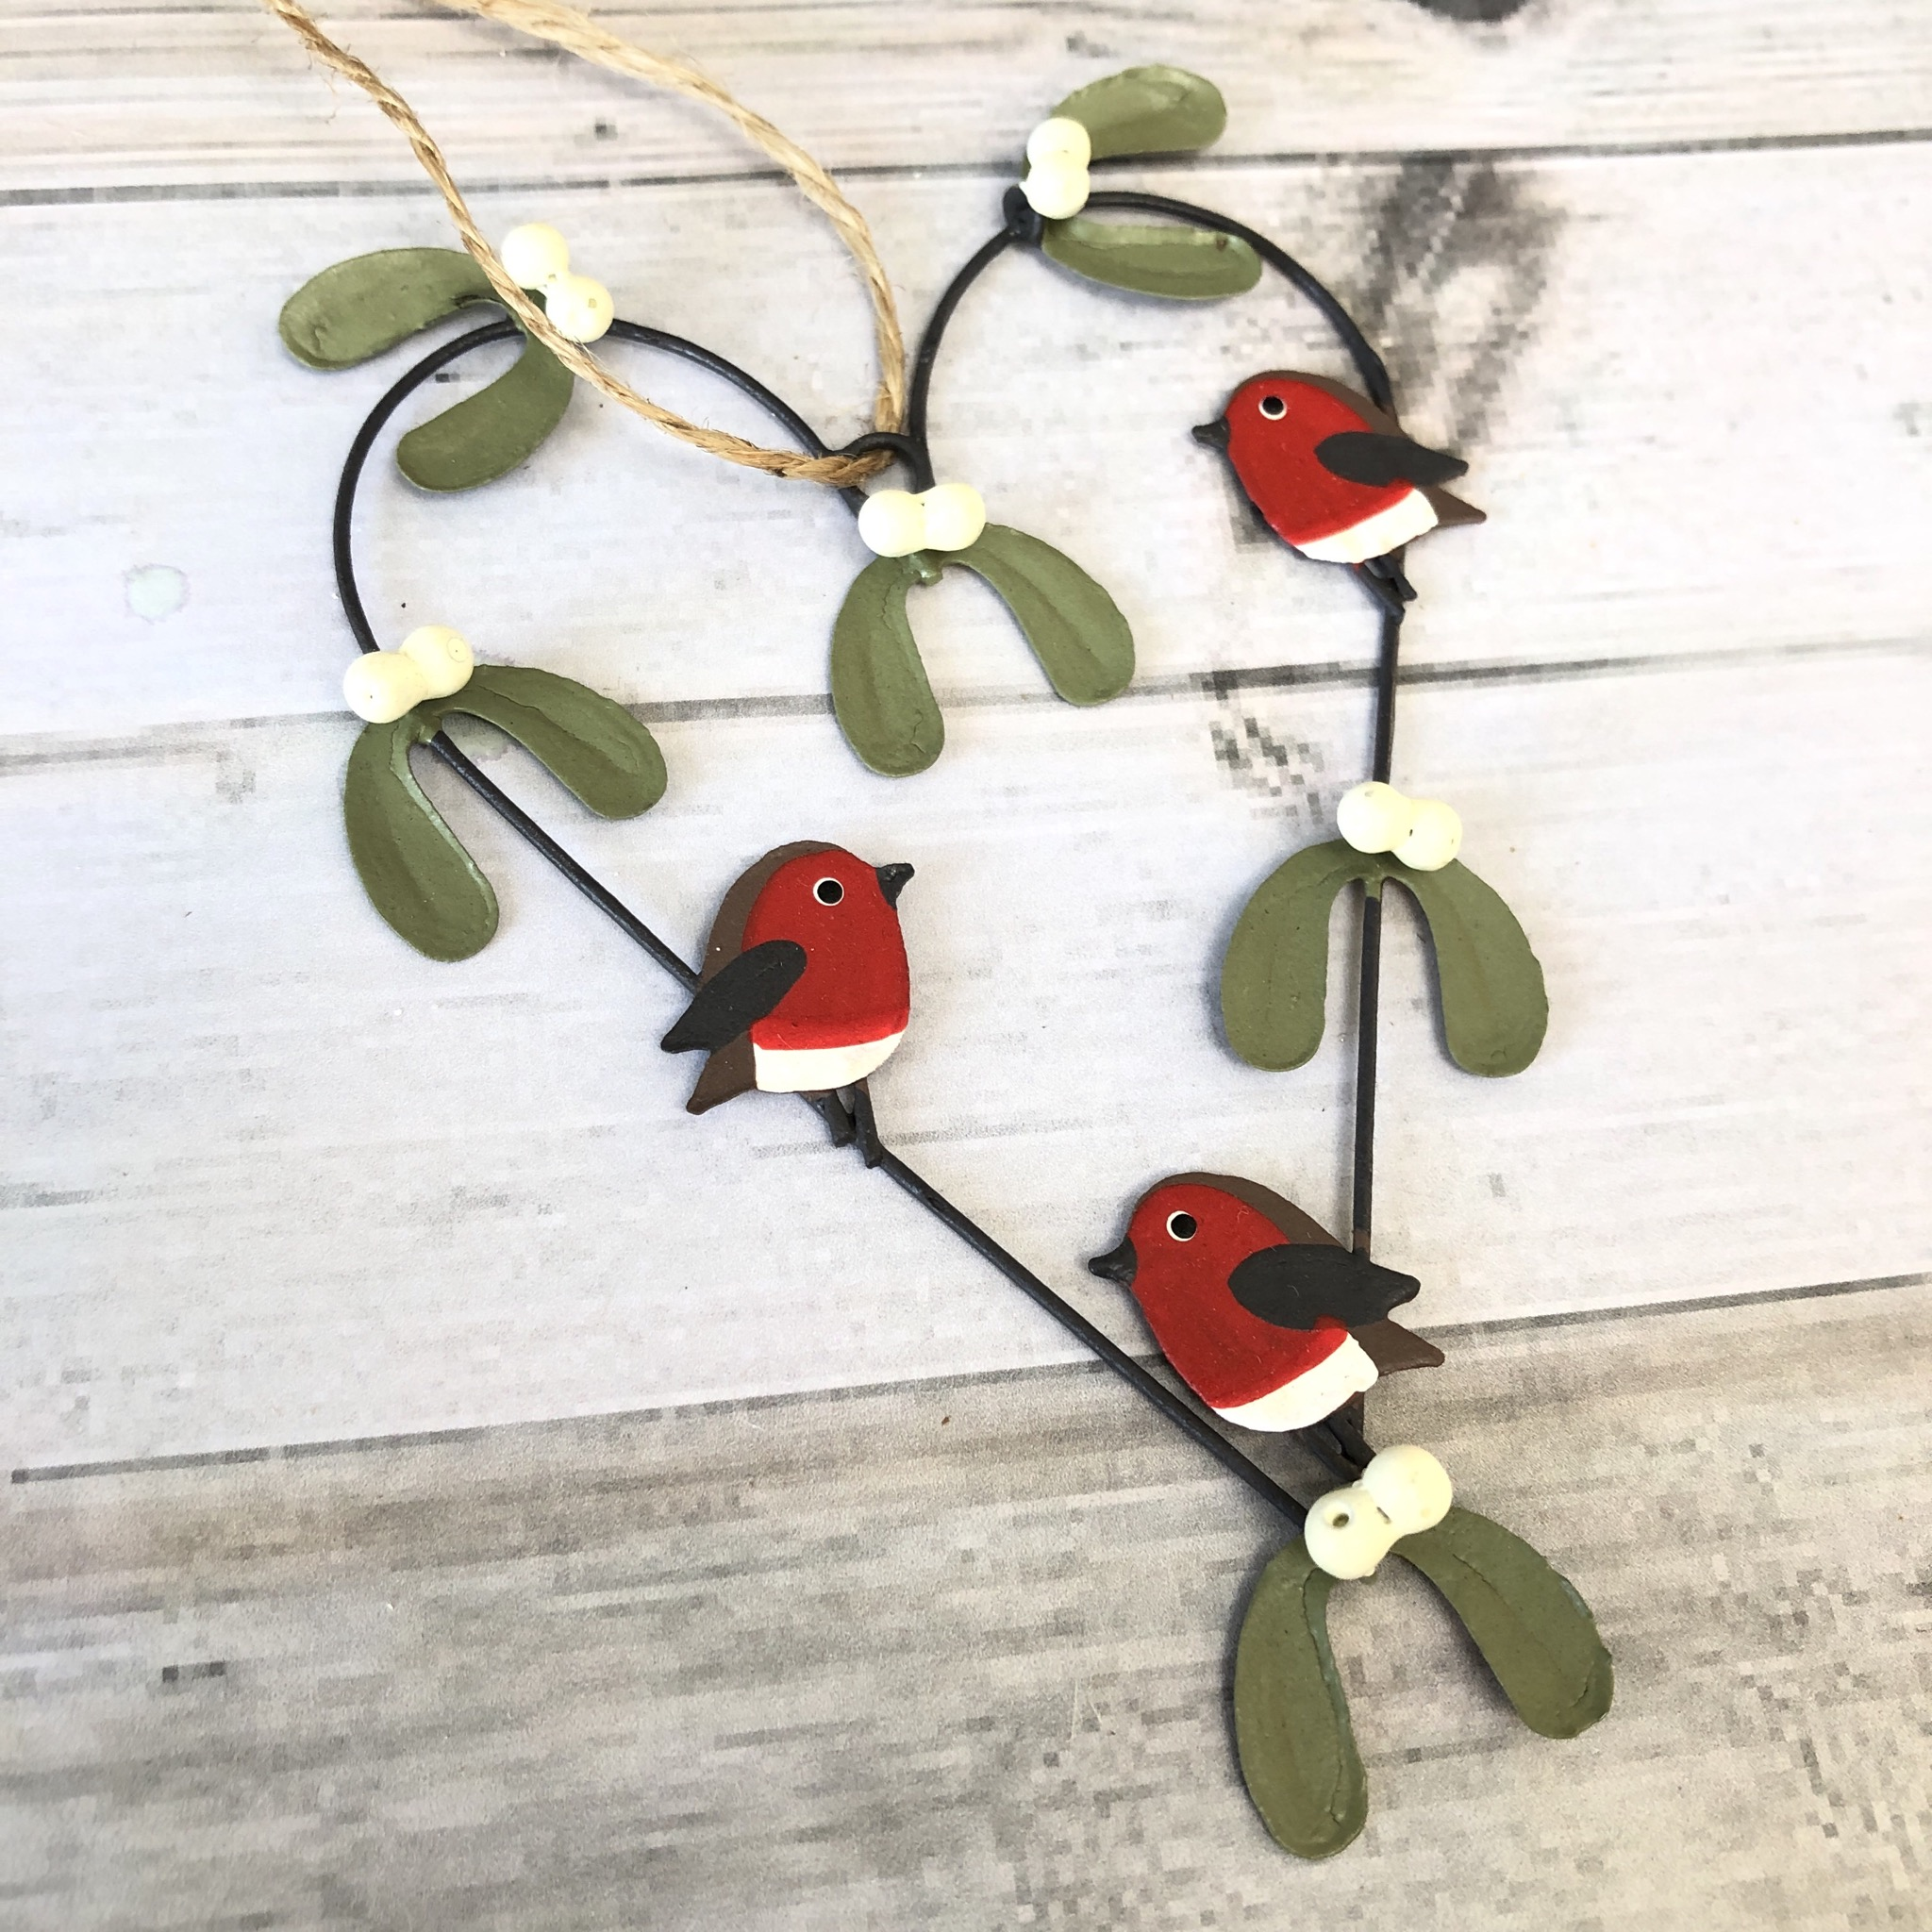 3 Robins in a mistletoe heart, hanging decoration by shoeless joe